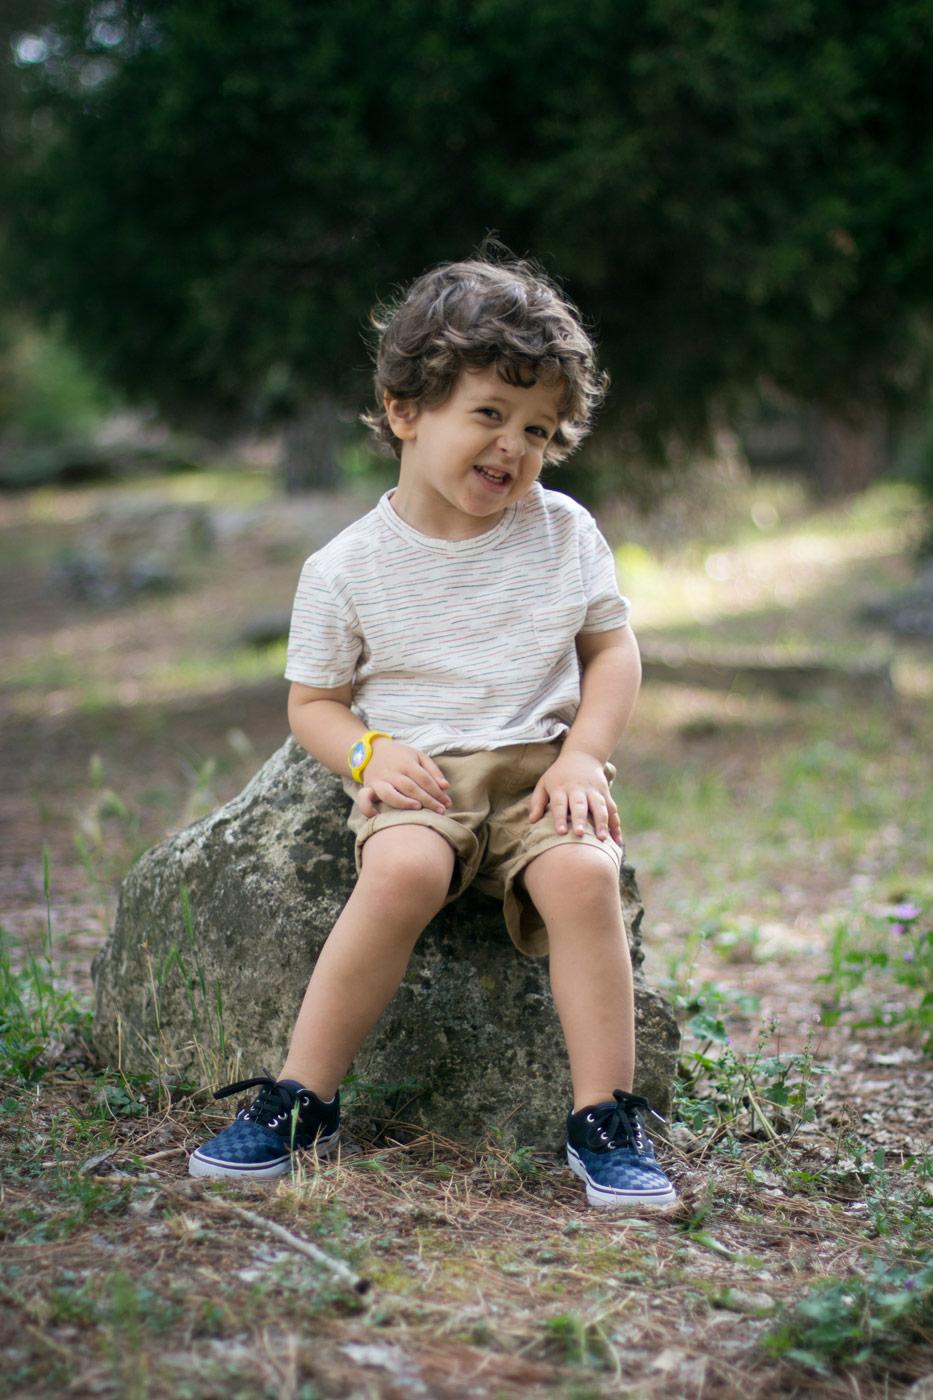 niño sentado en una roca en el parque urbano